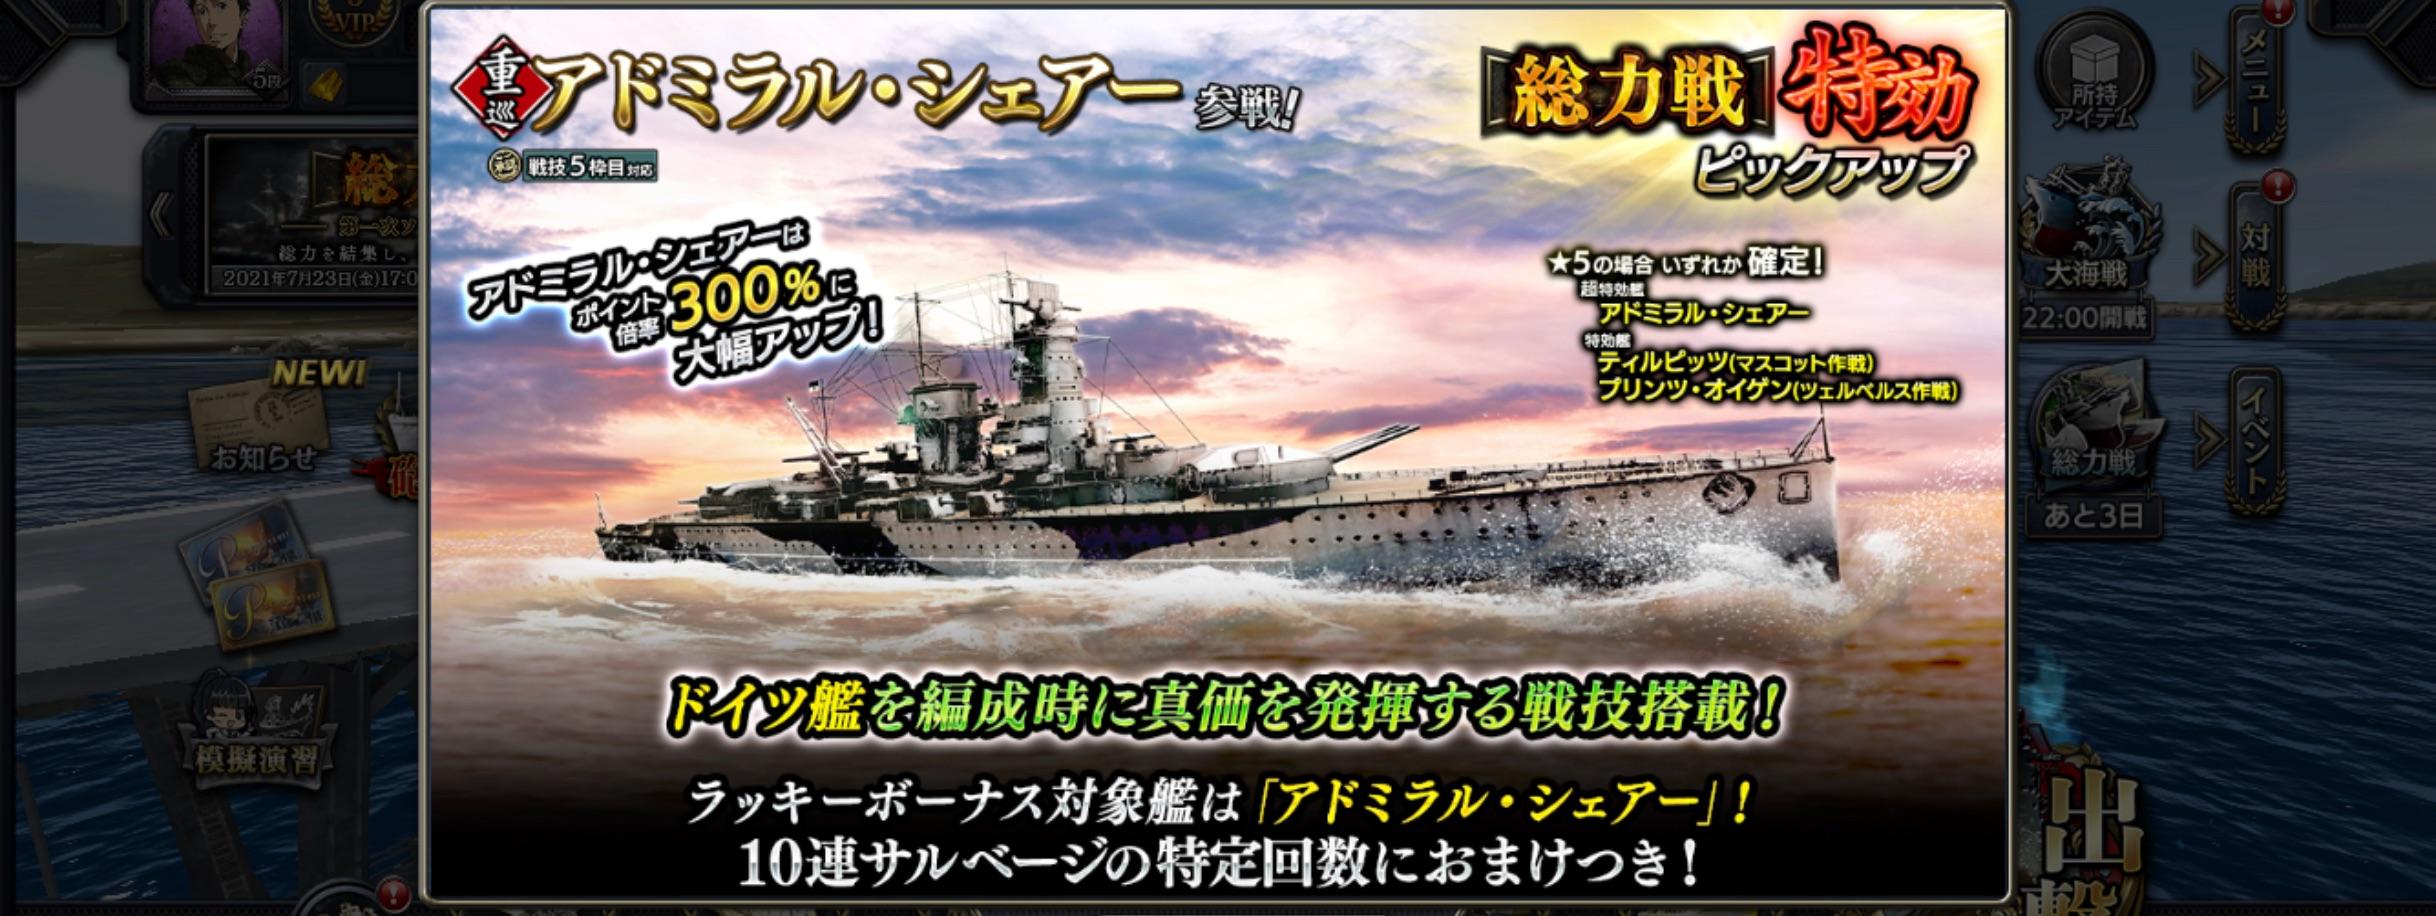 Hcruiser-Admirals